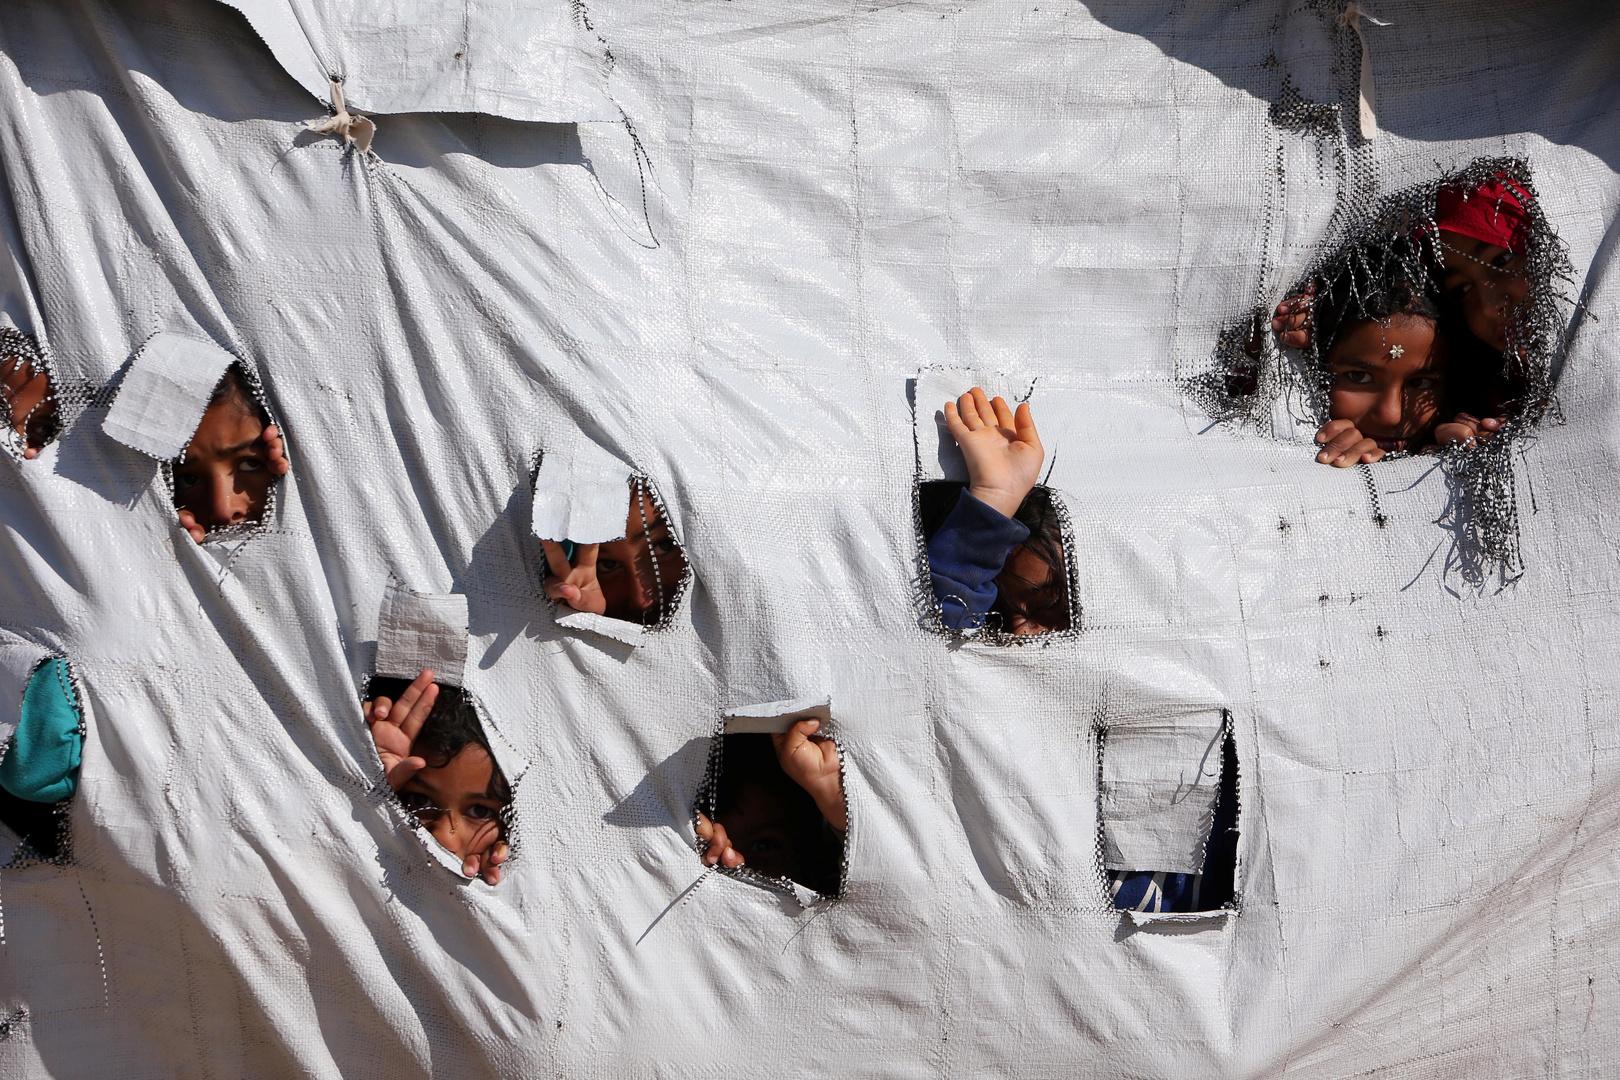 أطفال في مخيم الهول - الحسكة - صورة أرشيفية